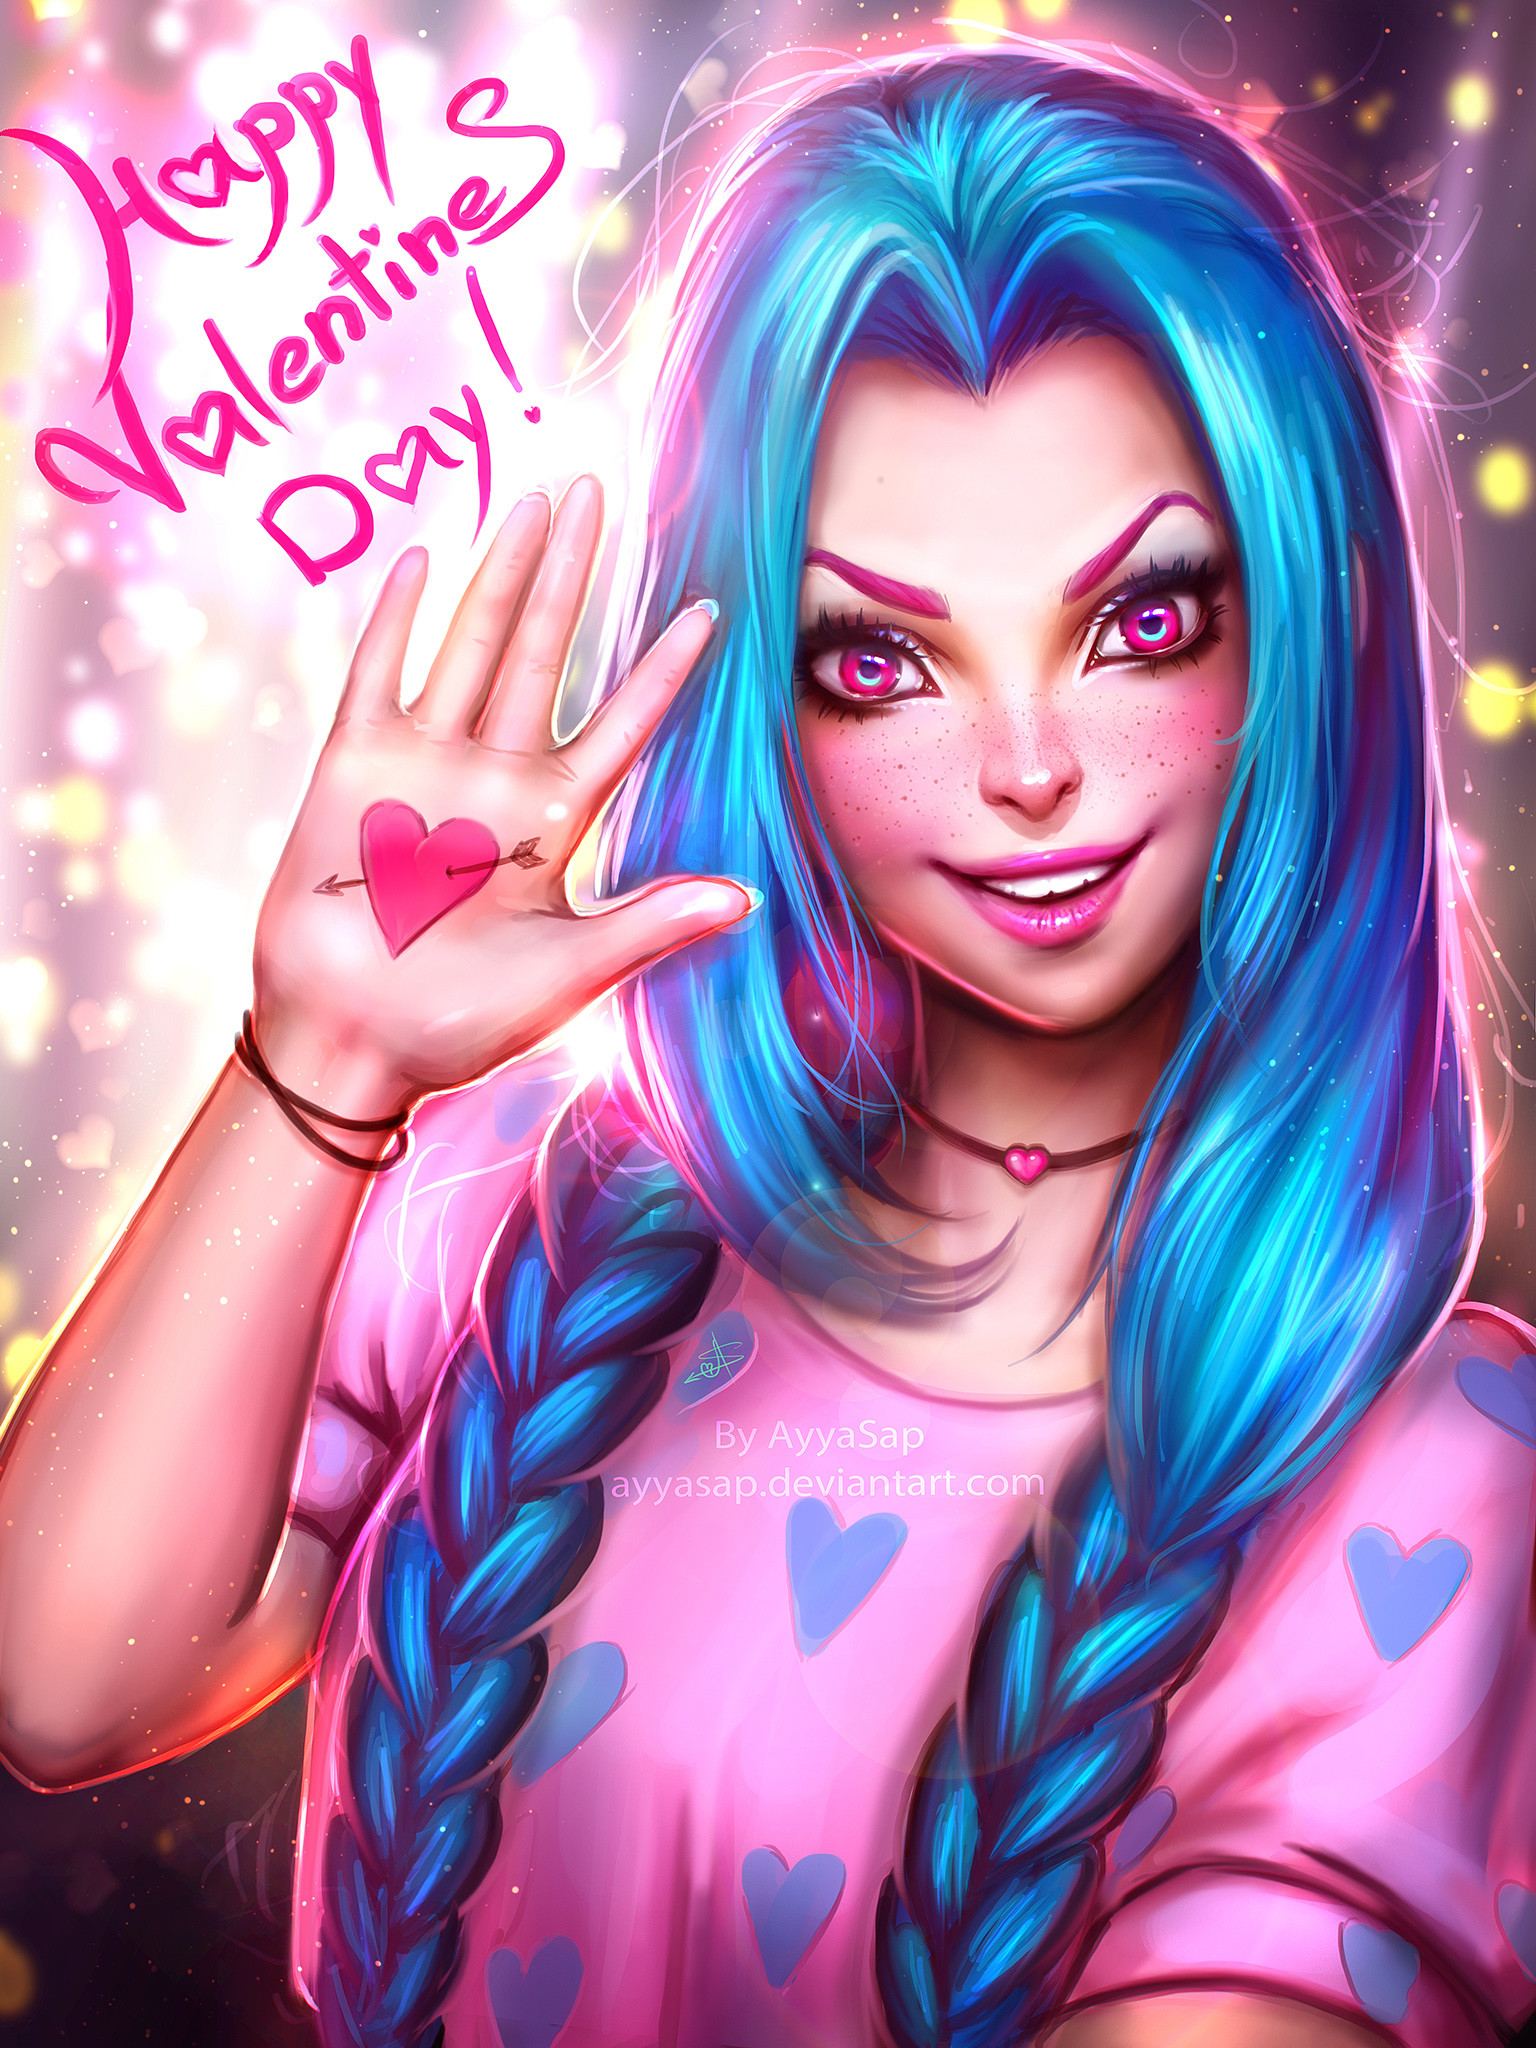 Happy Valentines Day Jinx by AyyaSAP HD Wallpaper Fan Art Artwork League of  Legends lol